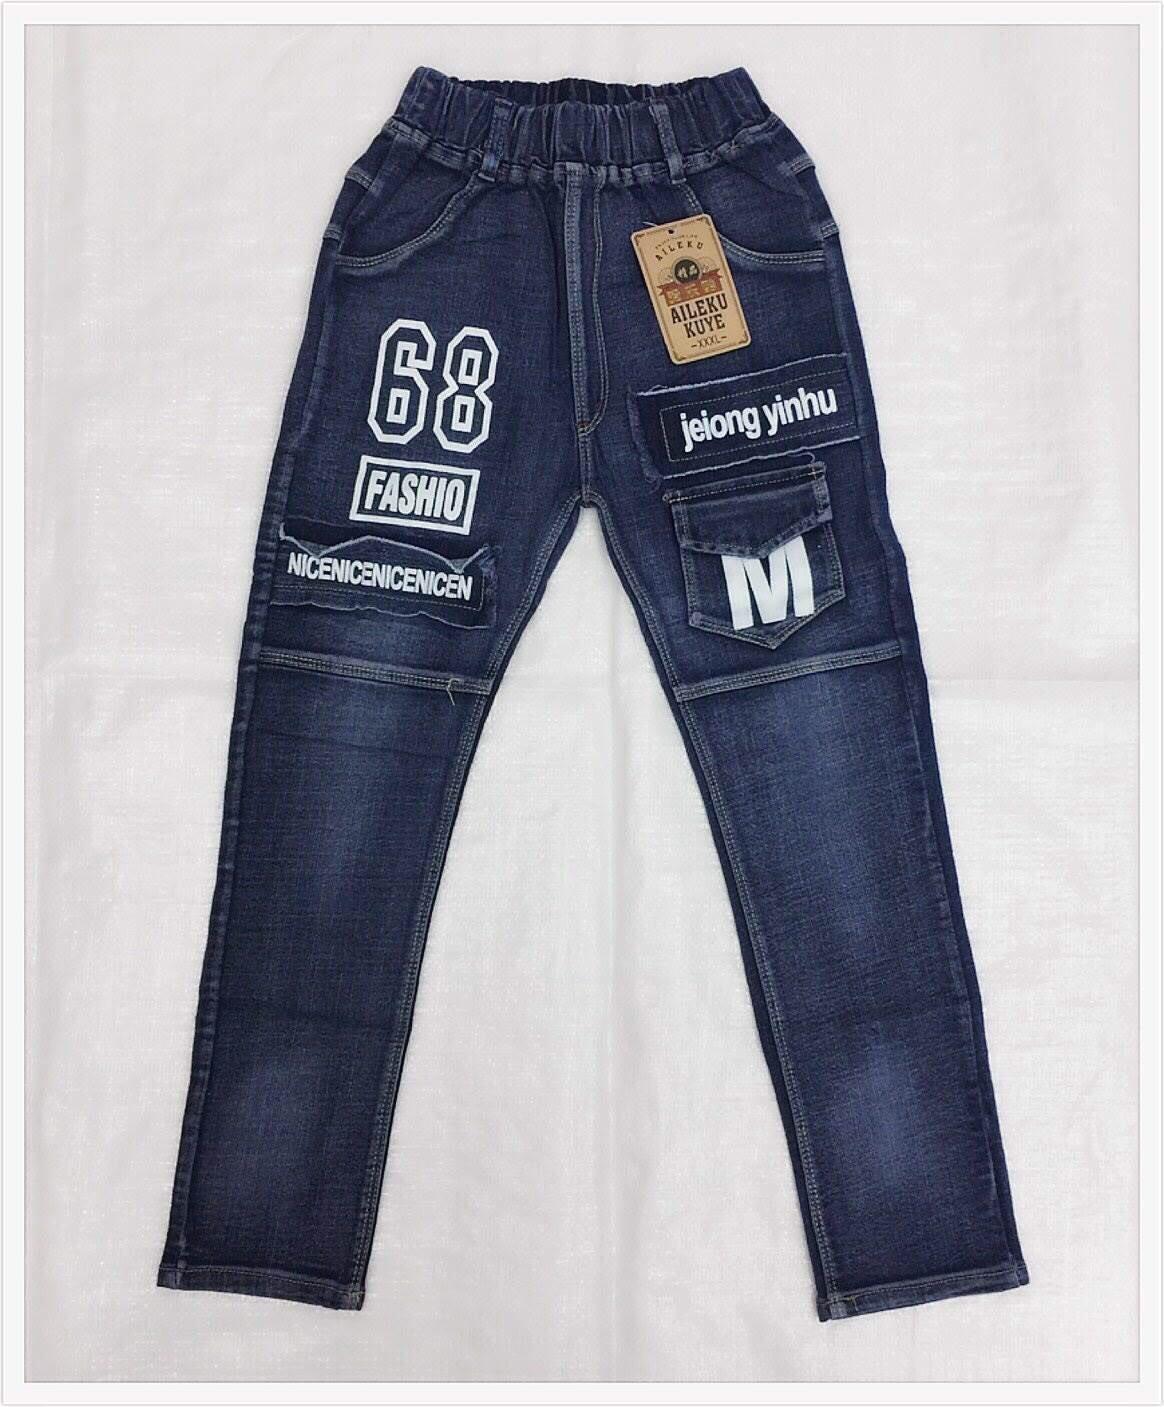 กางเกงยีนส์ขายาวปักตัวเลข 68 สีขาว